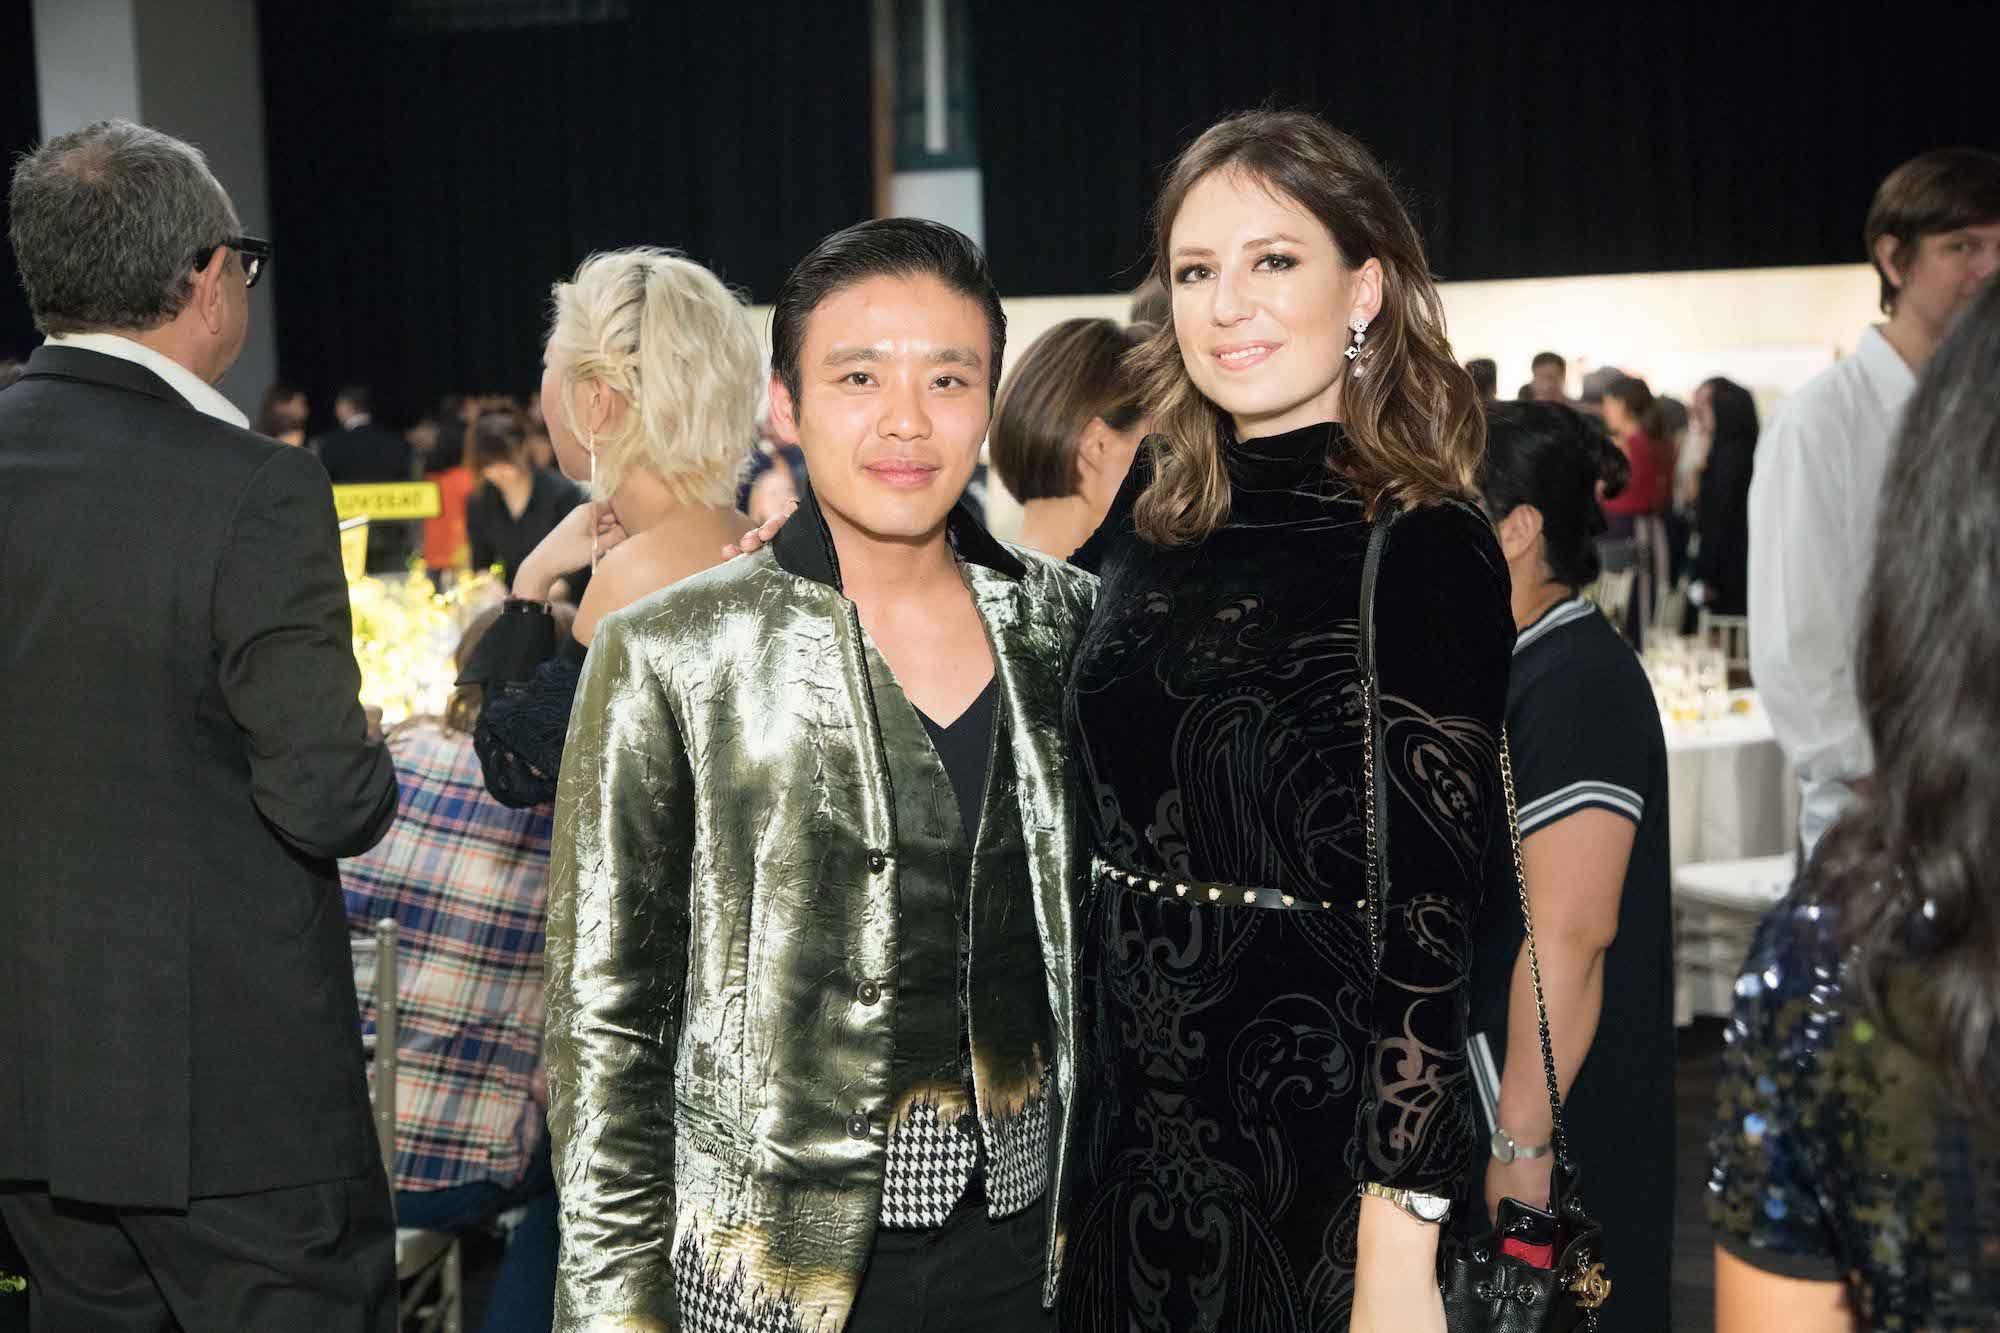 Jonathan Cheung, Katherine Schaefer